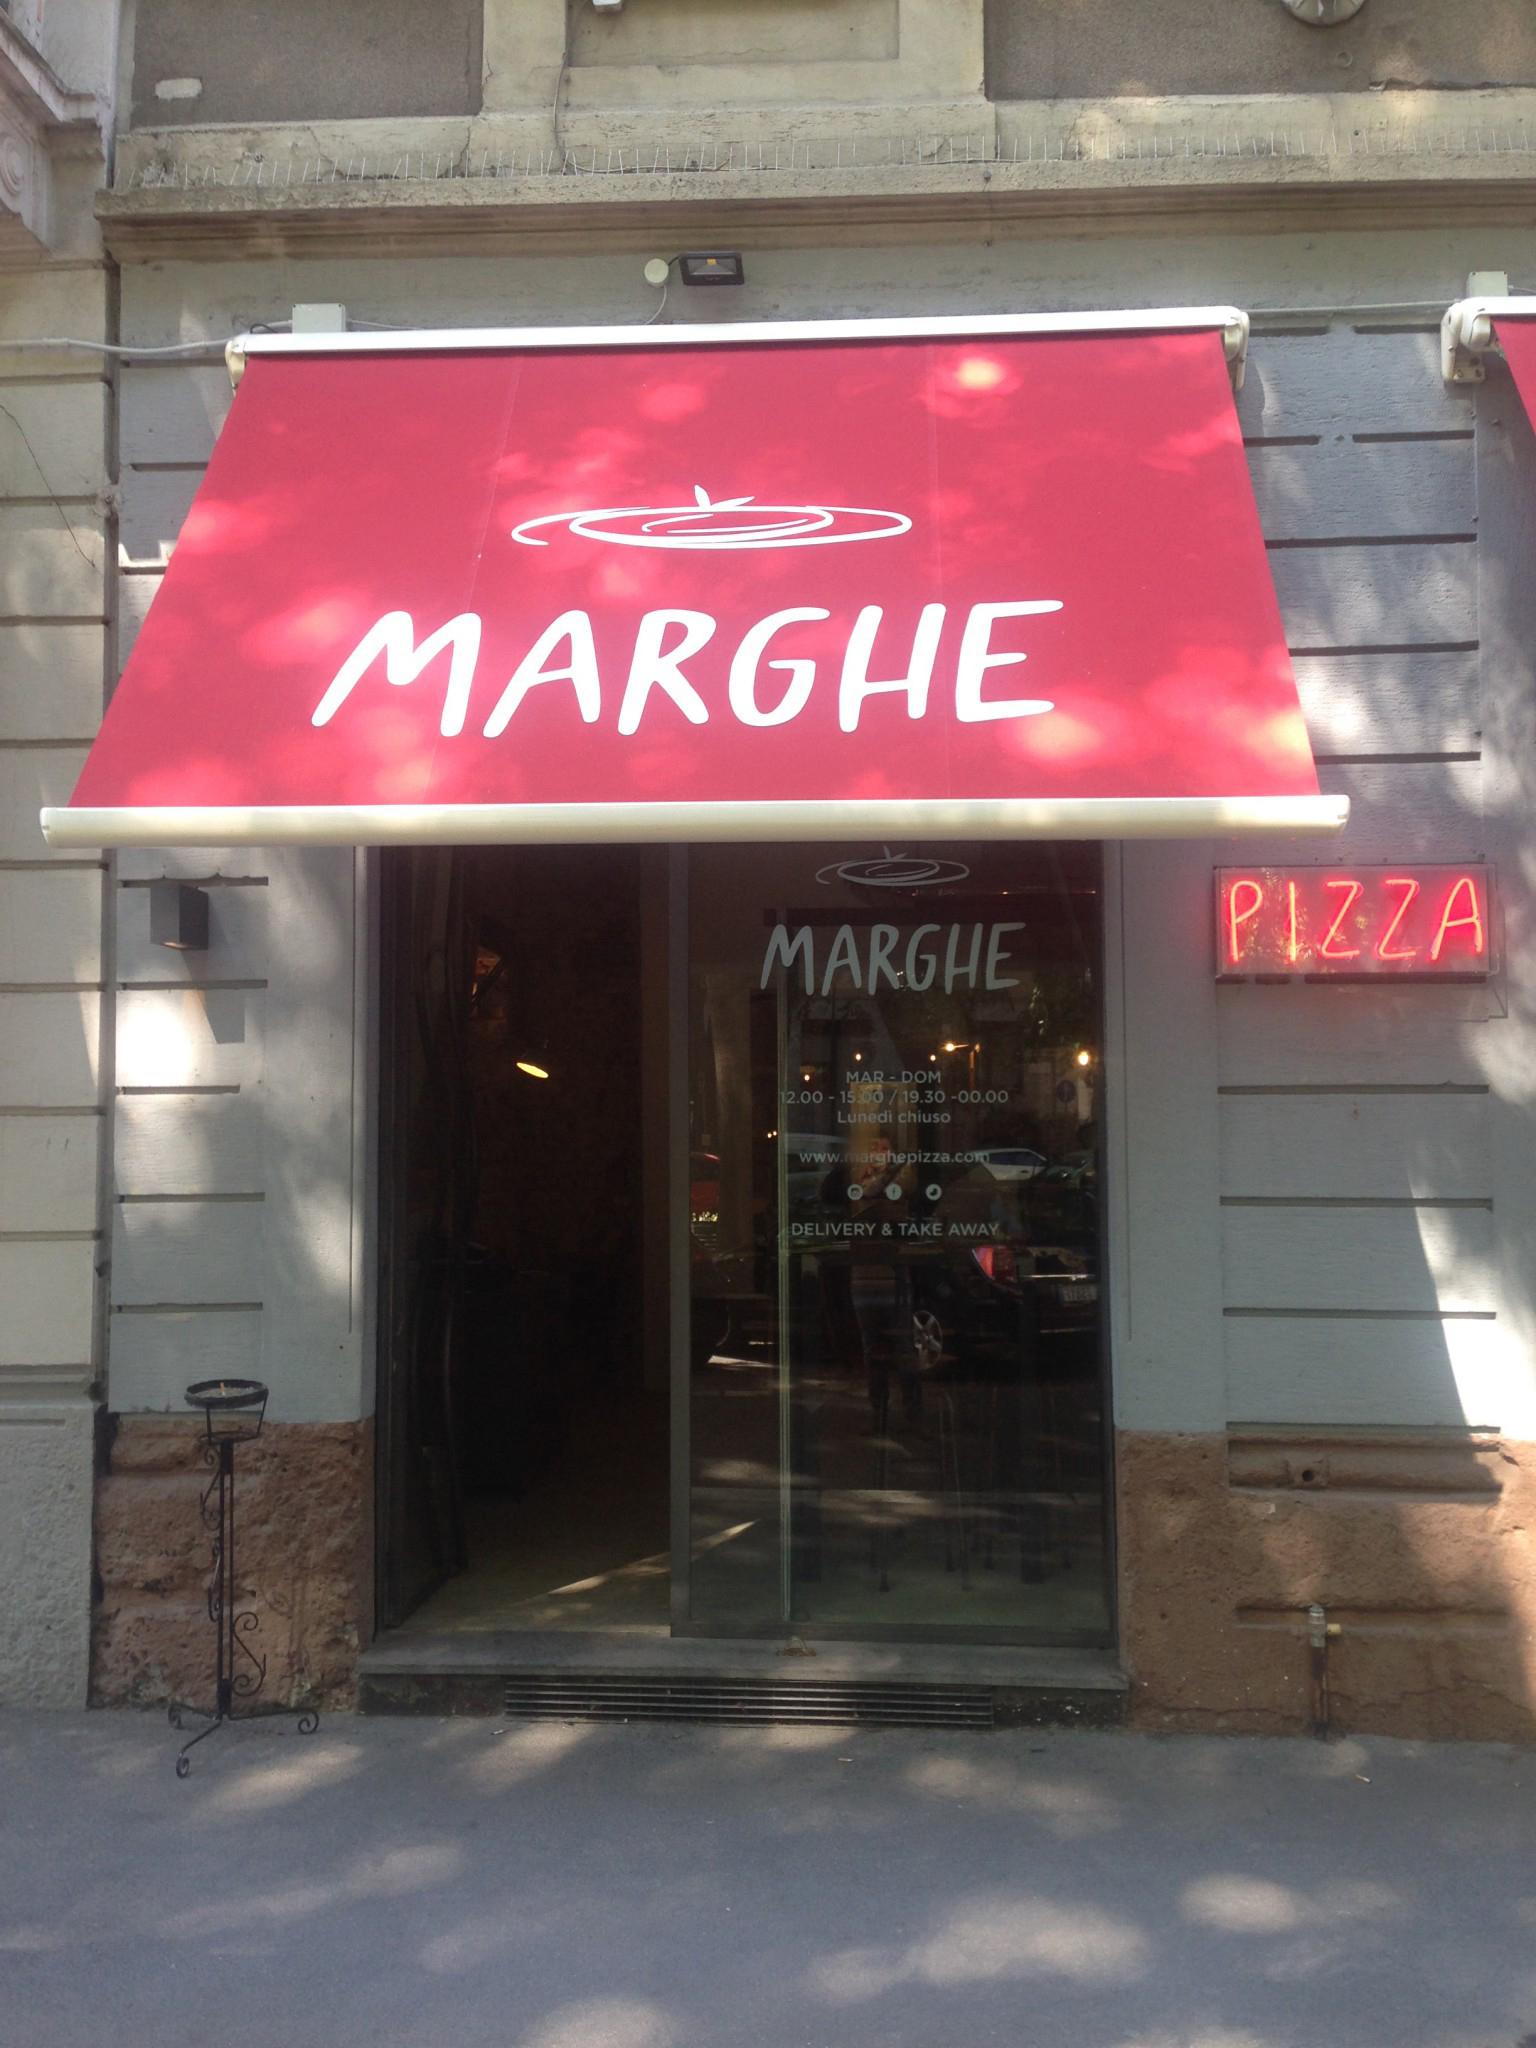 PIZZERIA MARGHE Via Cadore 26